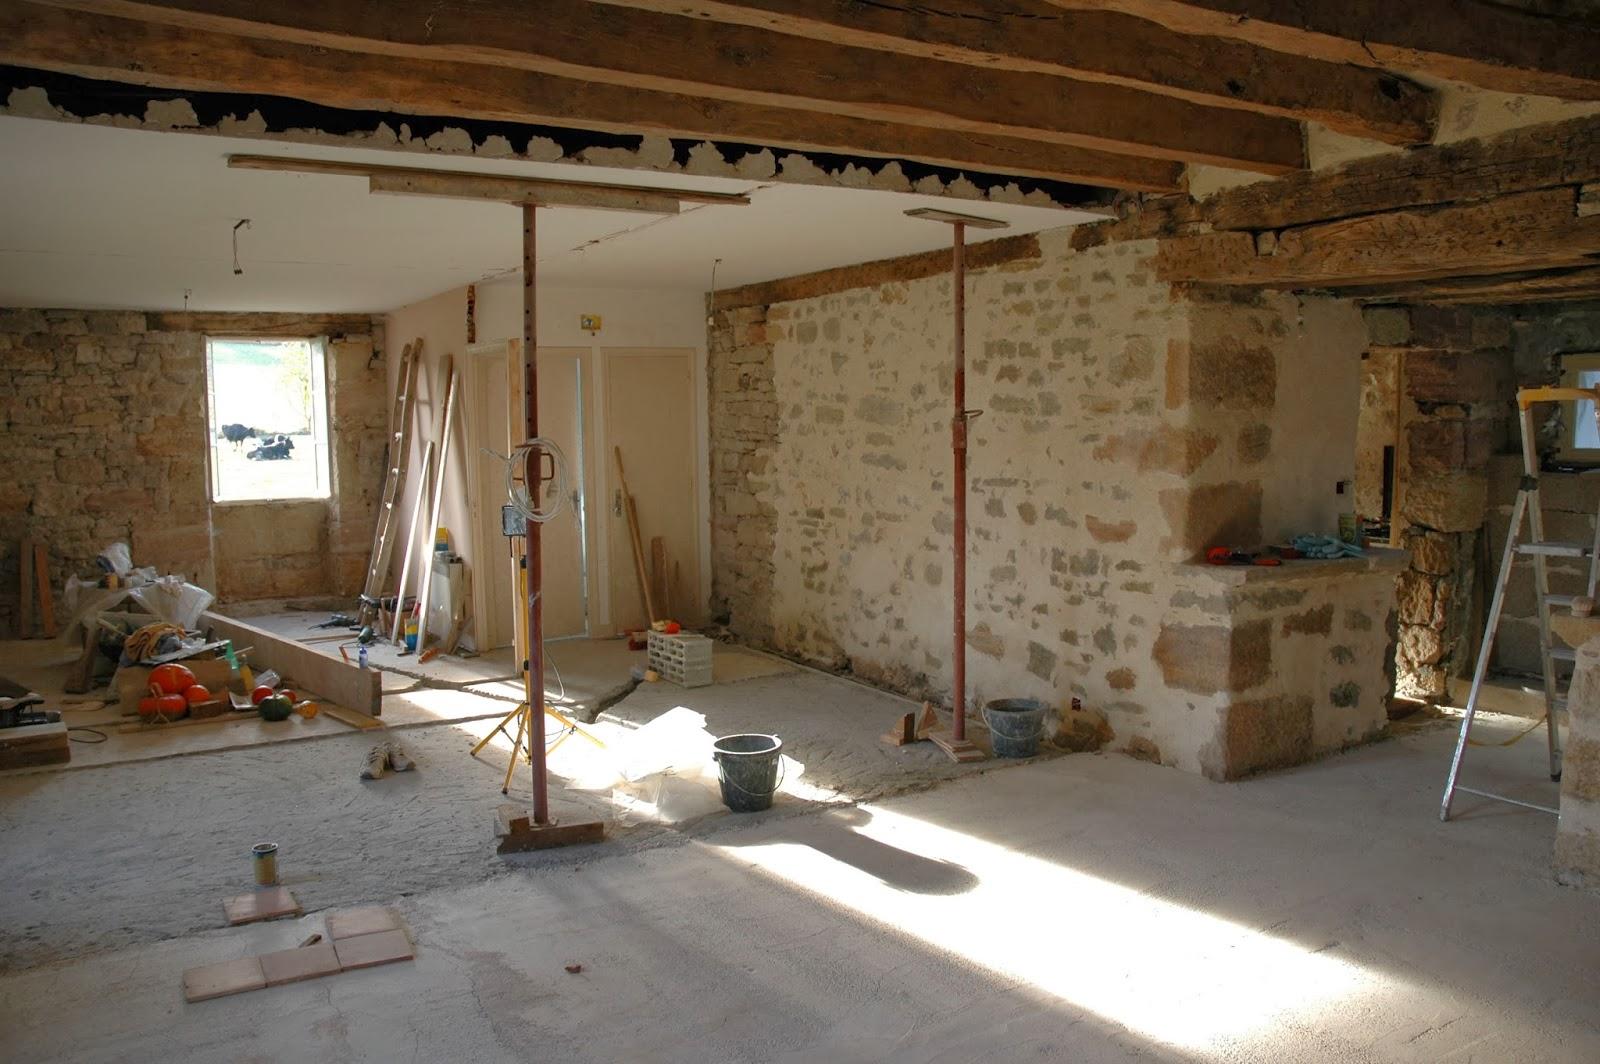 La maison d 39 apr s r tro for Cuisine en beton cellulaire